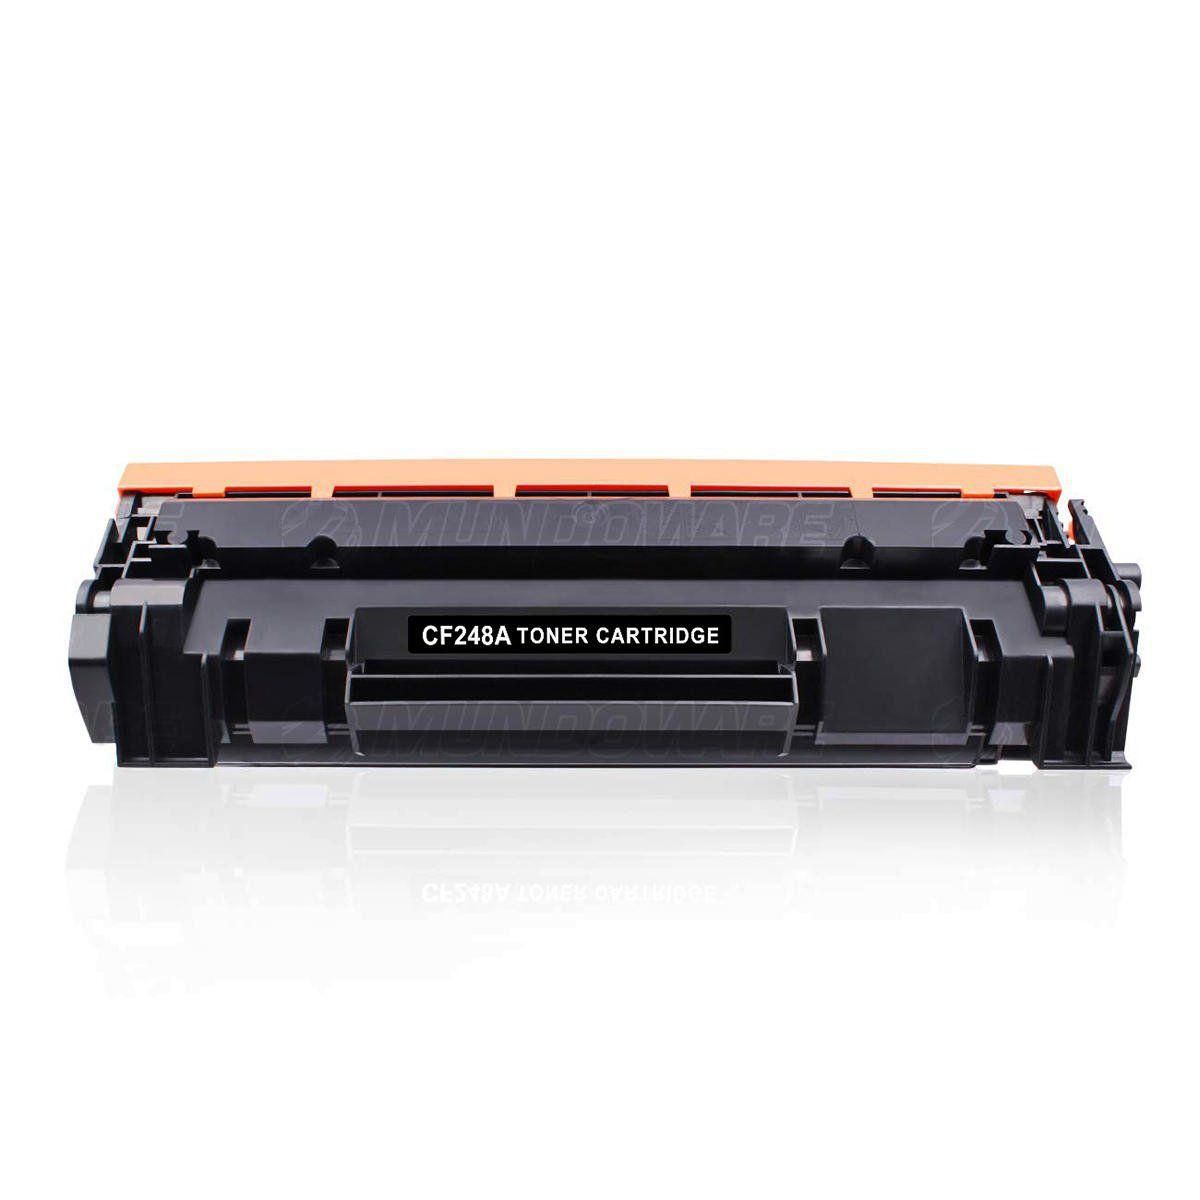 Compatível: Toner CF248A 48A para impressora HP M15 M15a M15w M15mfp M28 M28a M28w / Preto / 1.000